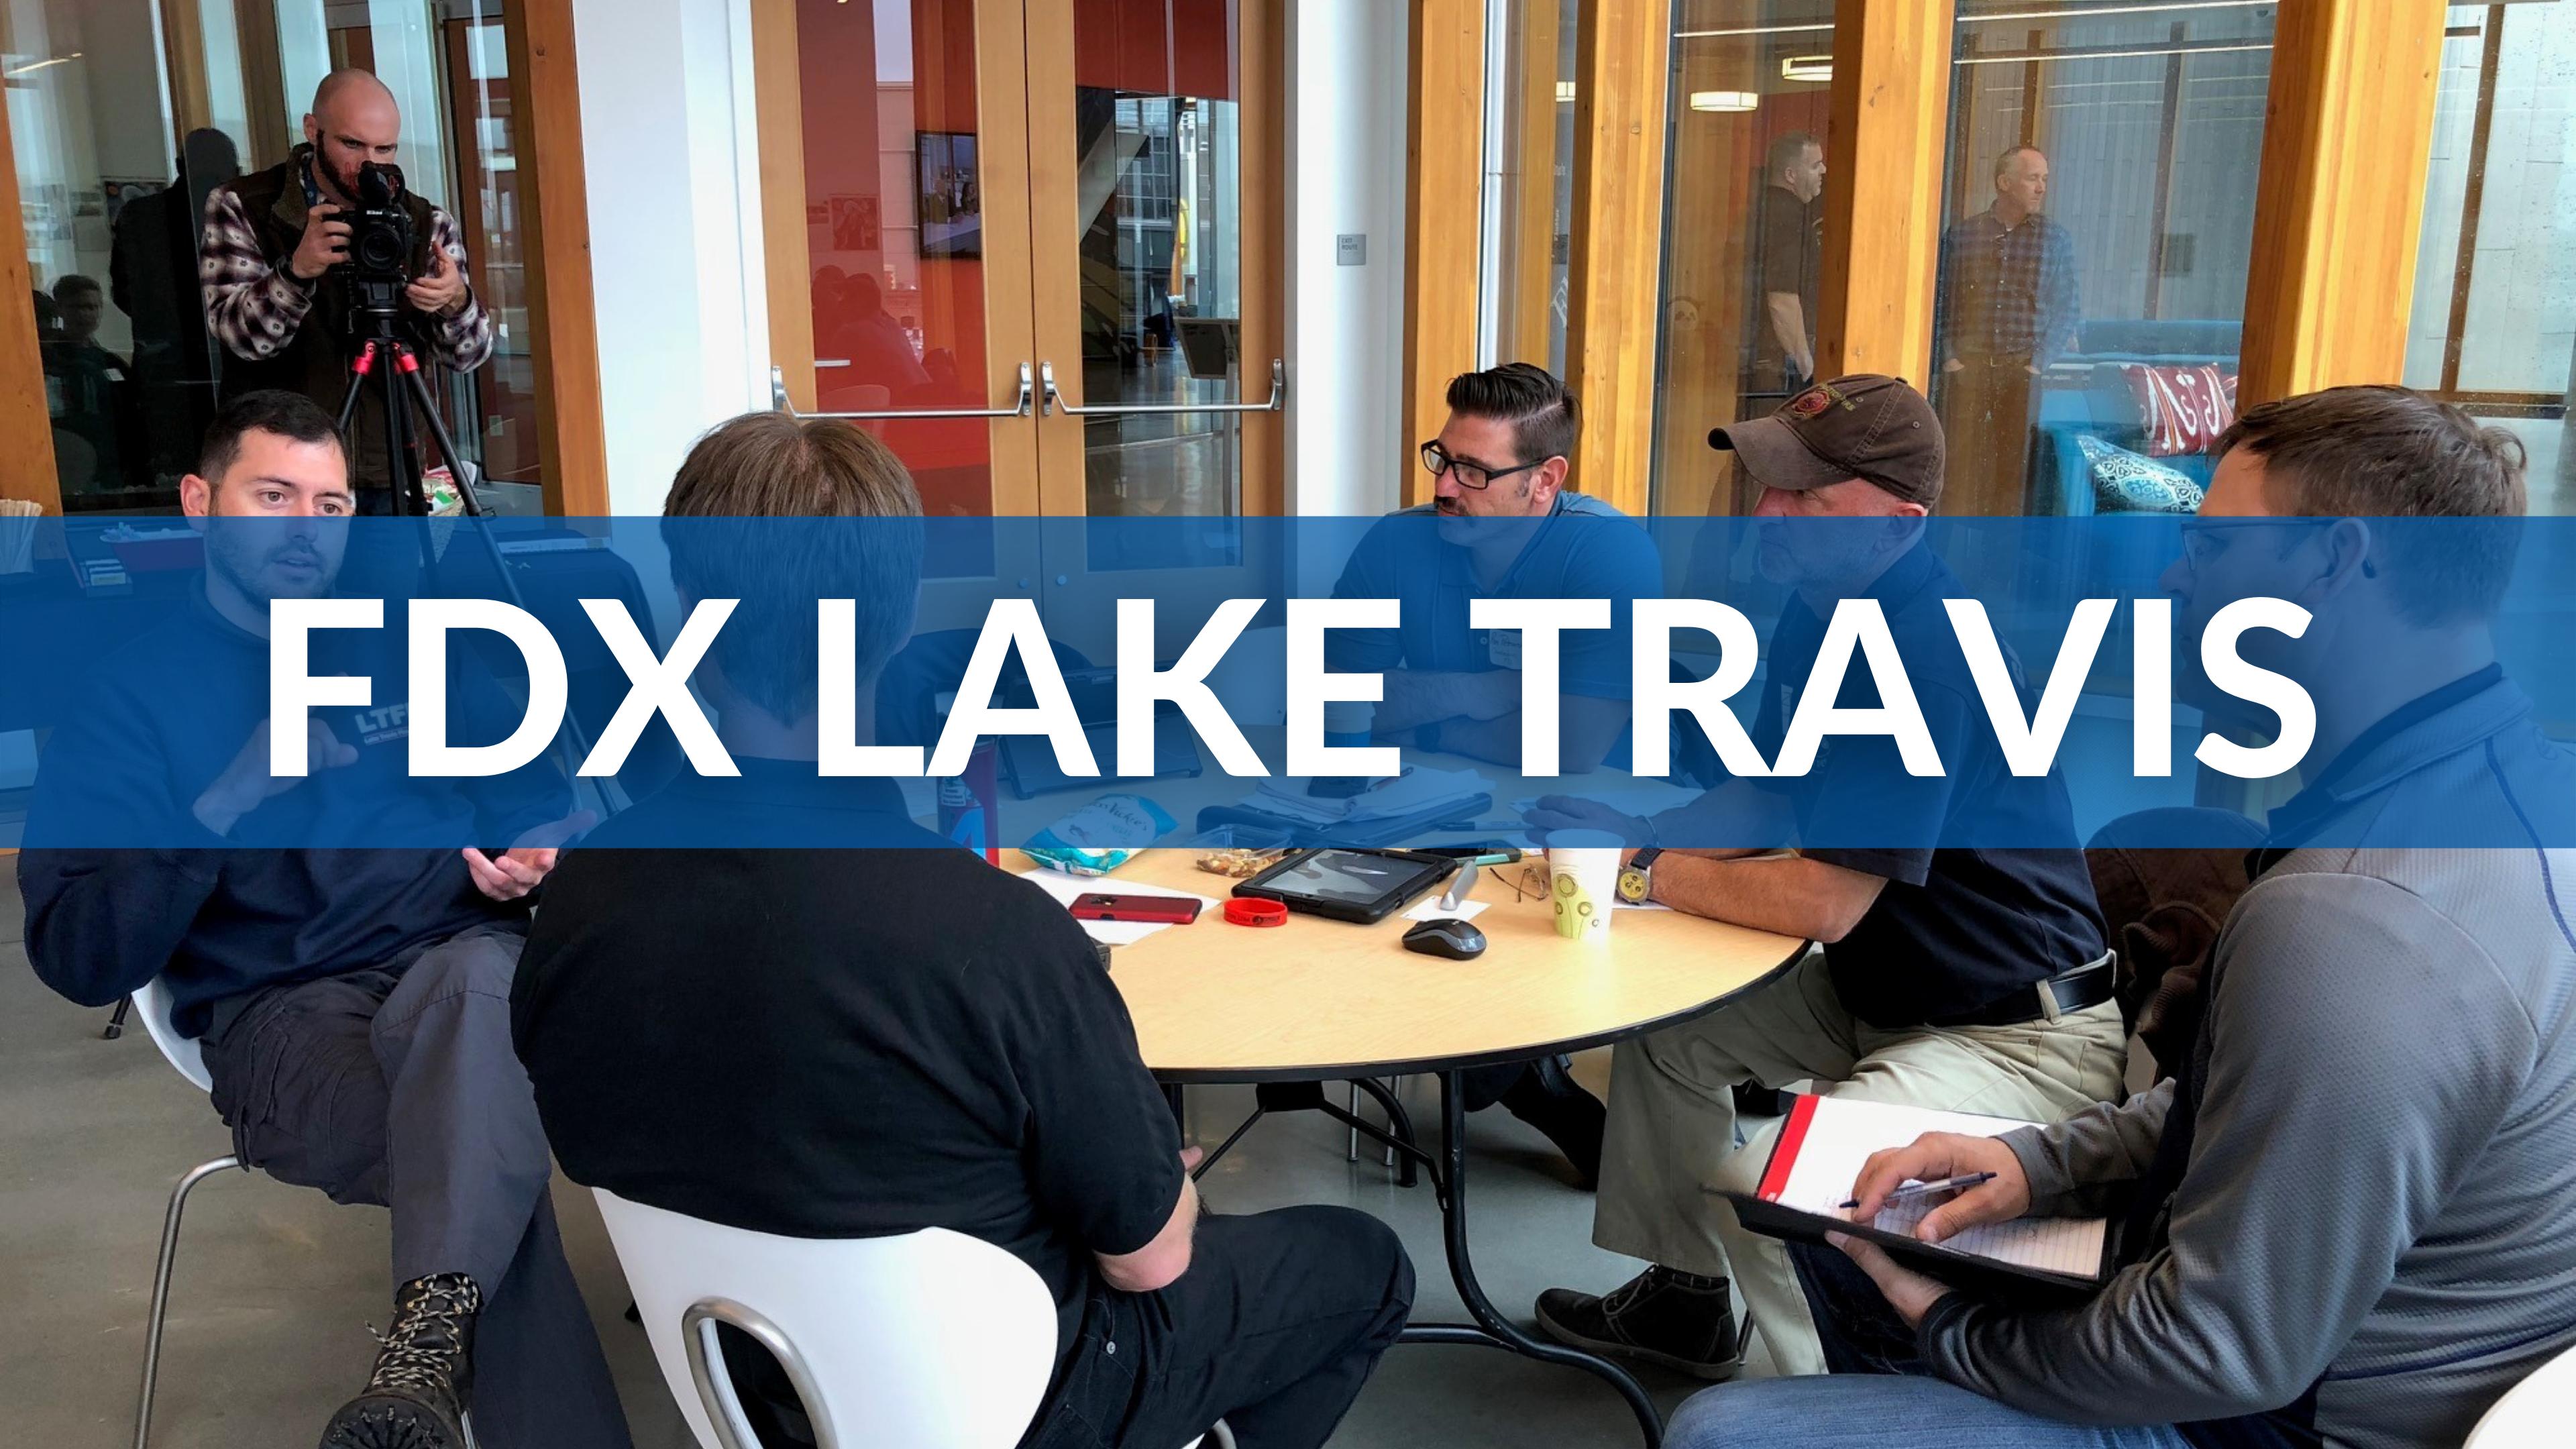 FDX LAKE TRAVIS